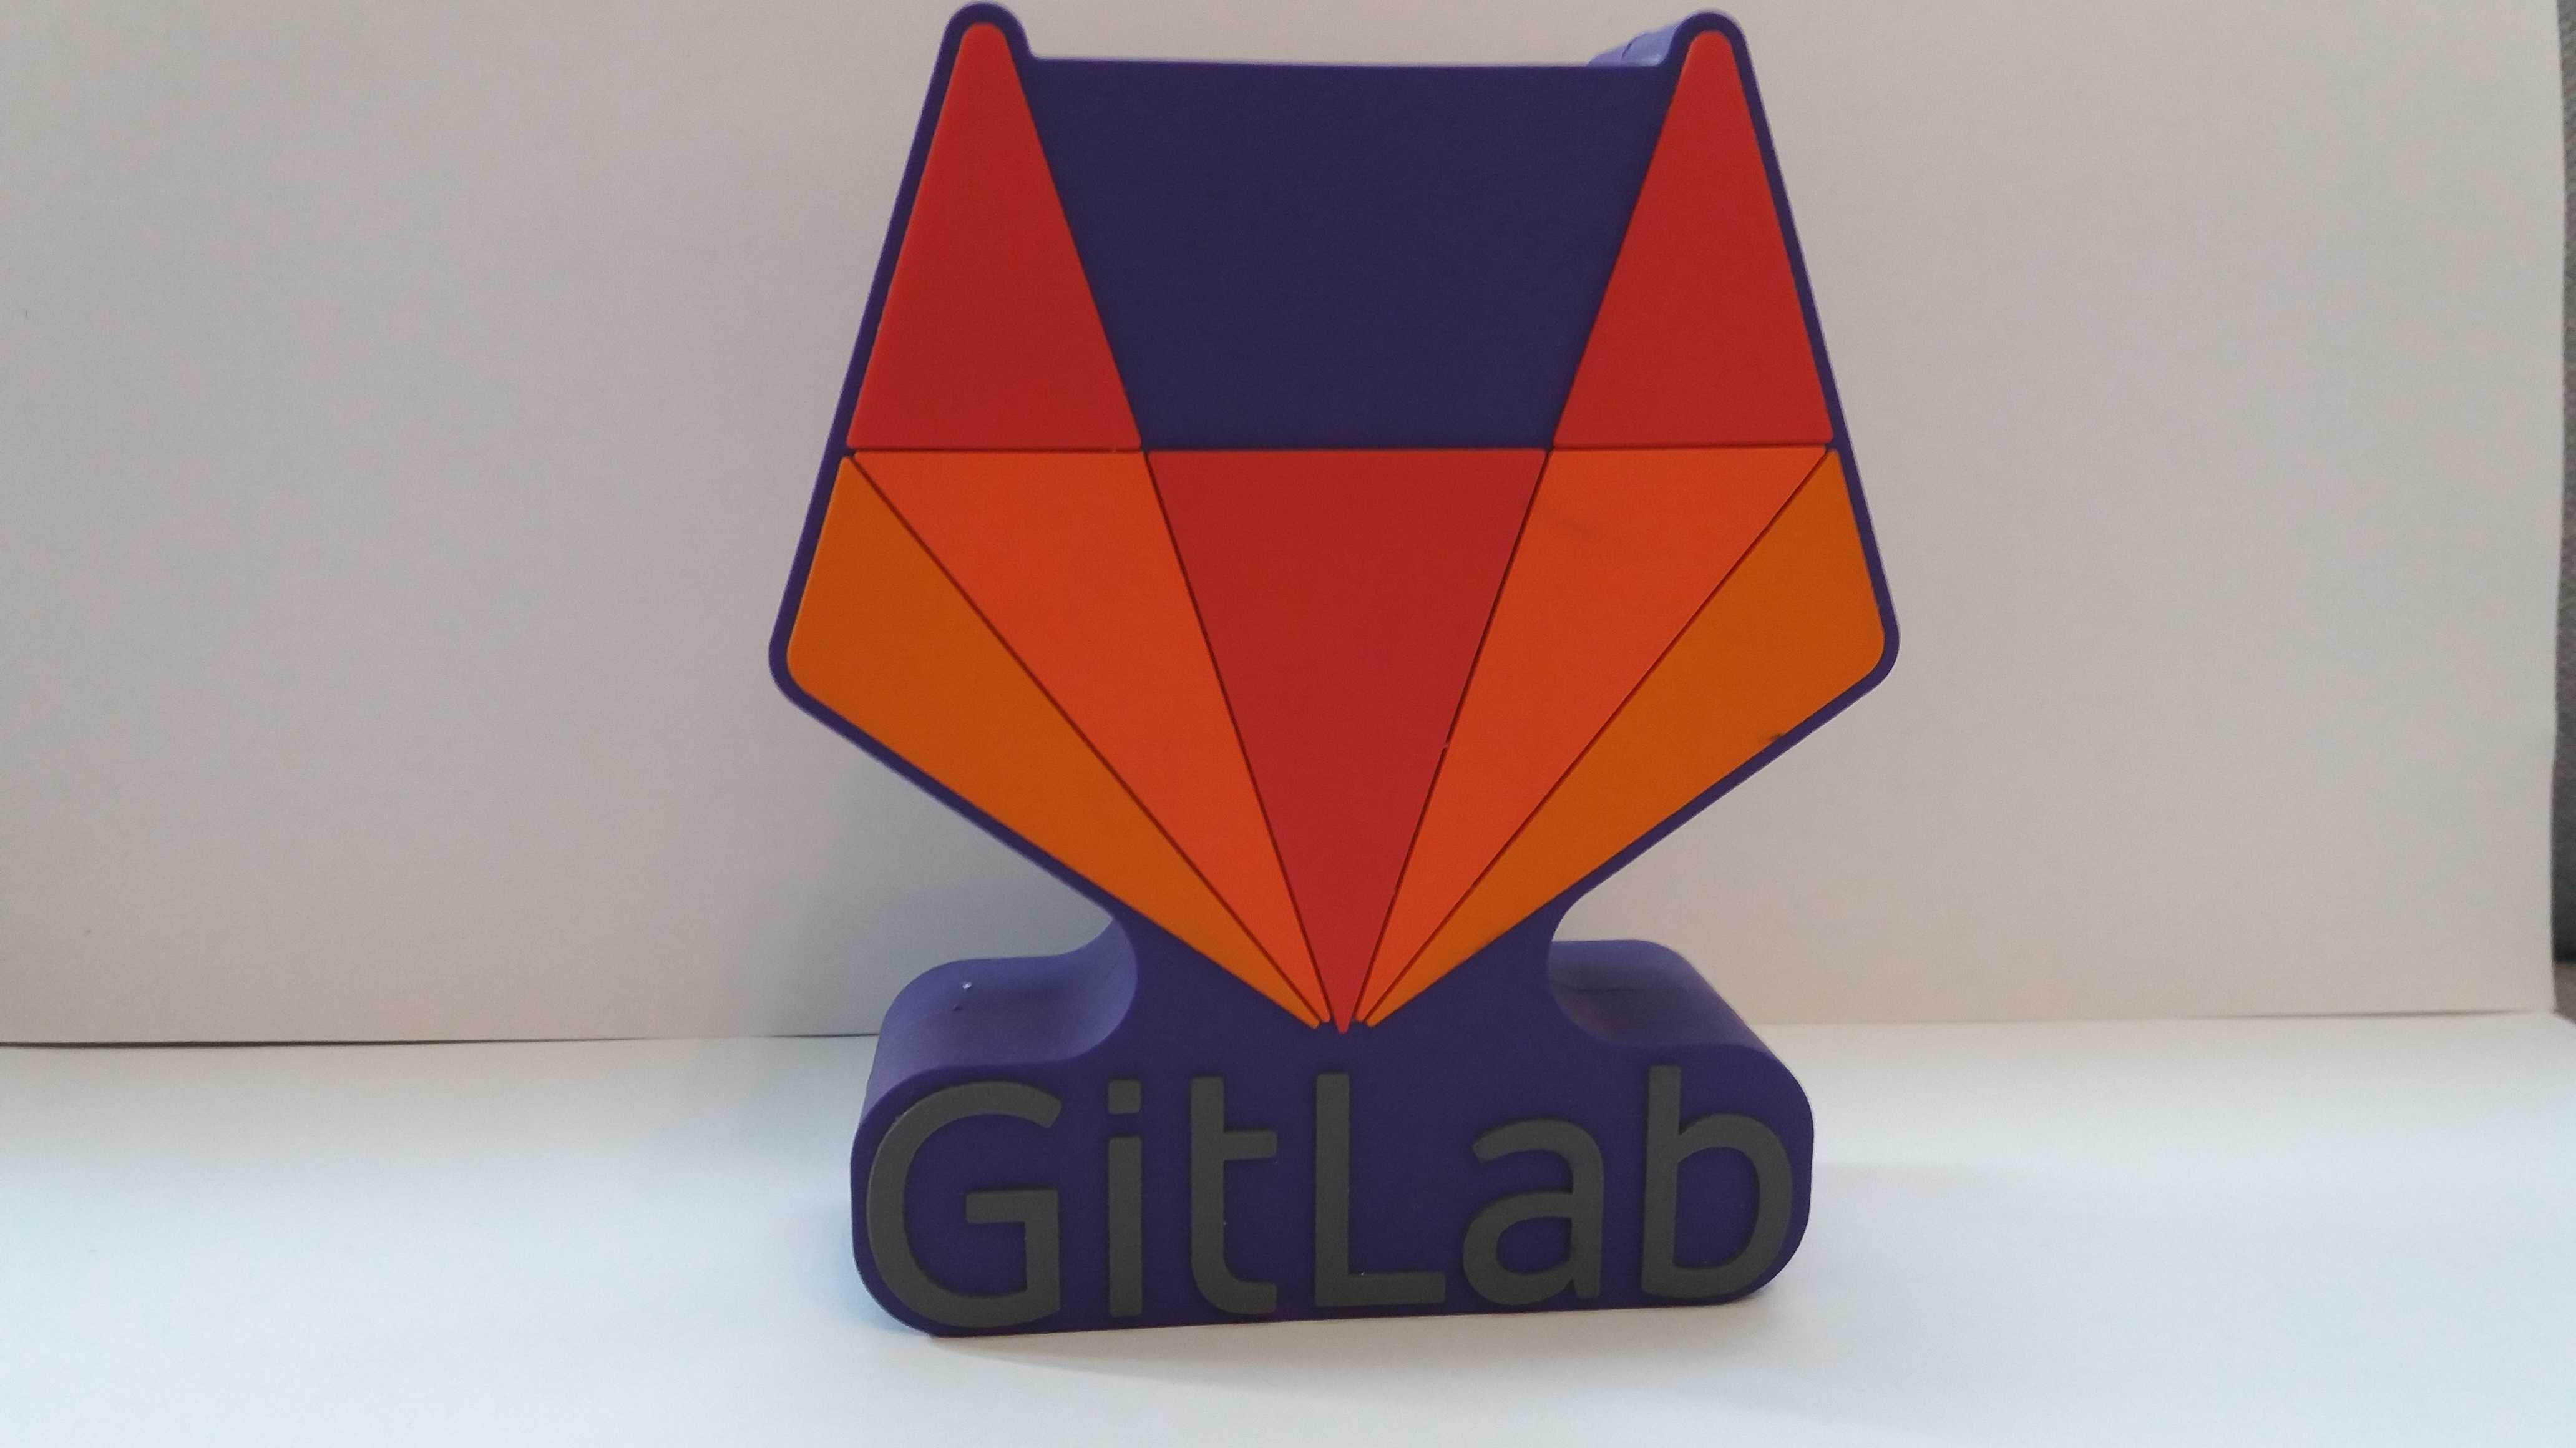 GitLab streicht 100 Millionen US-Dollar Risikokapital ein